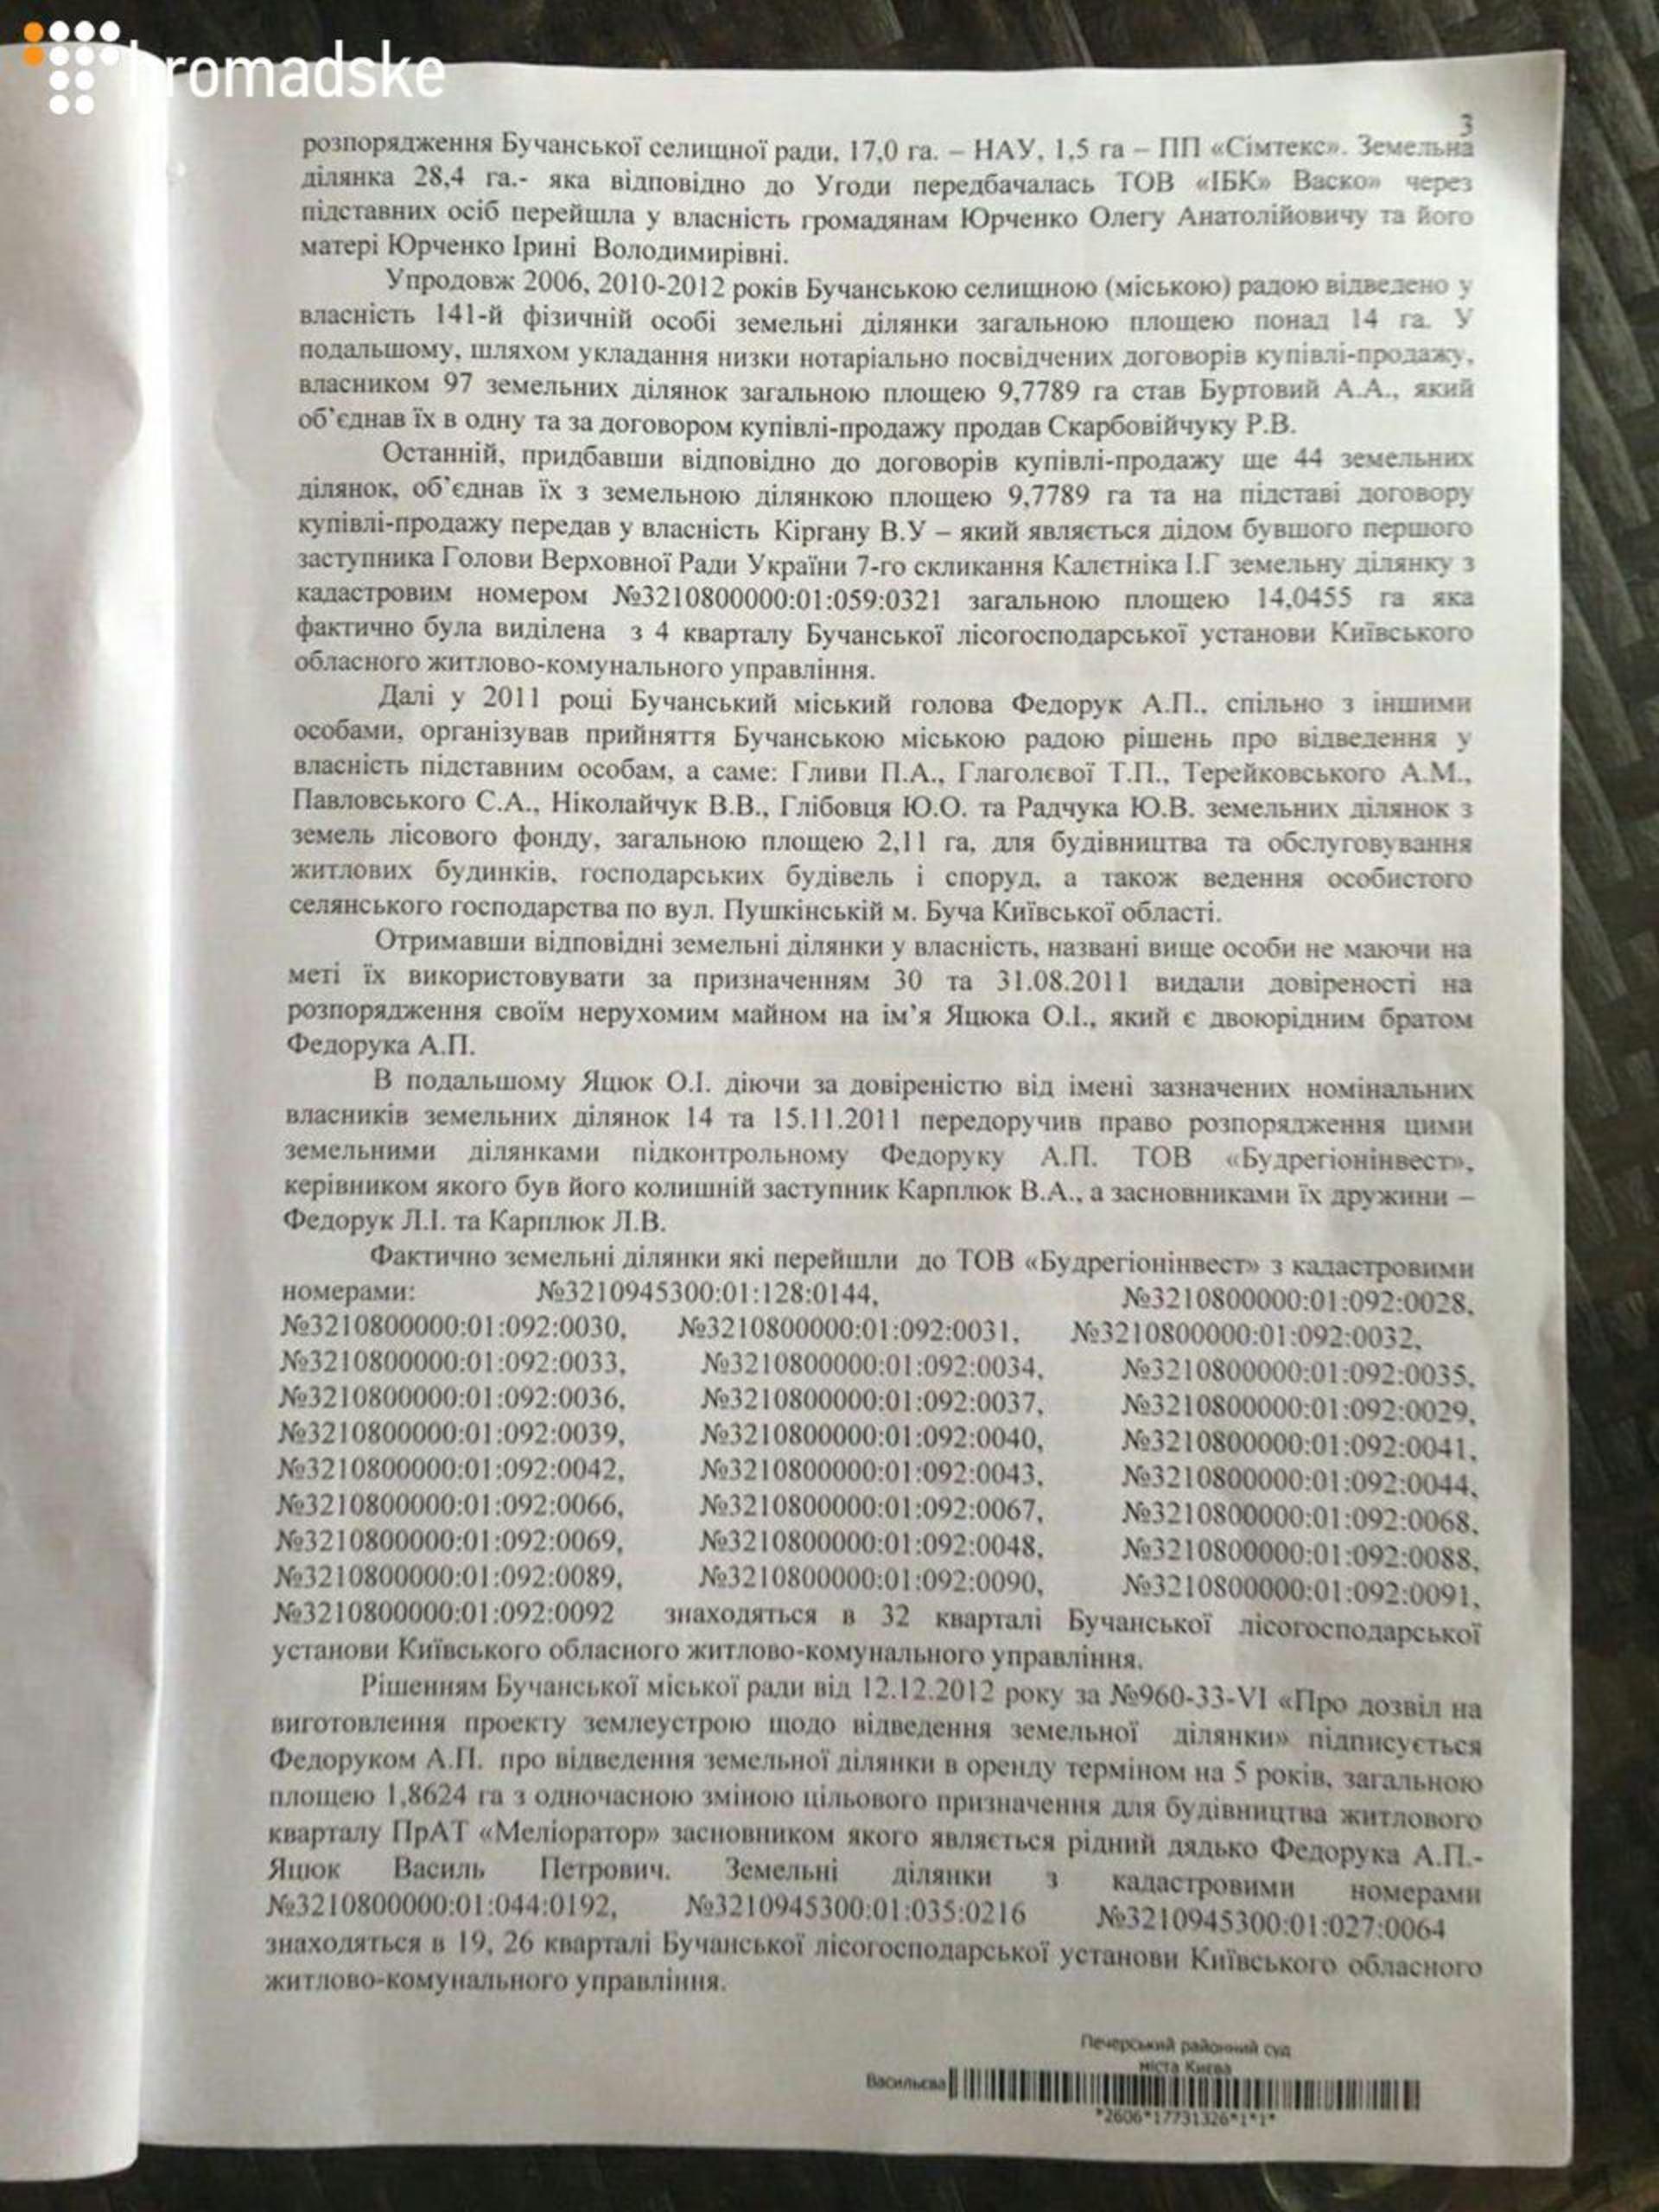 Мер Ірпеня заявляє, що жодних кримінальних справ щодо нього не розслідується  - фото 5